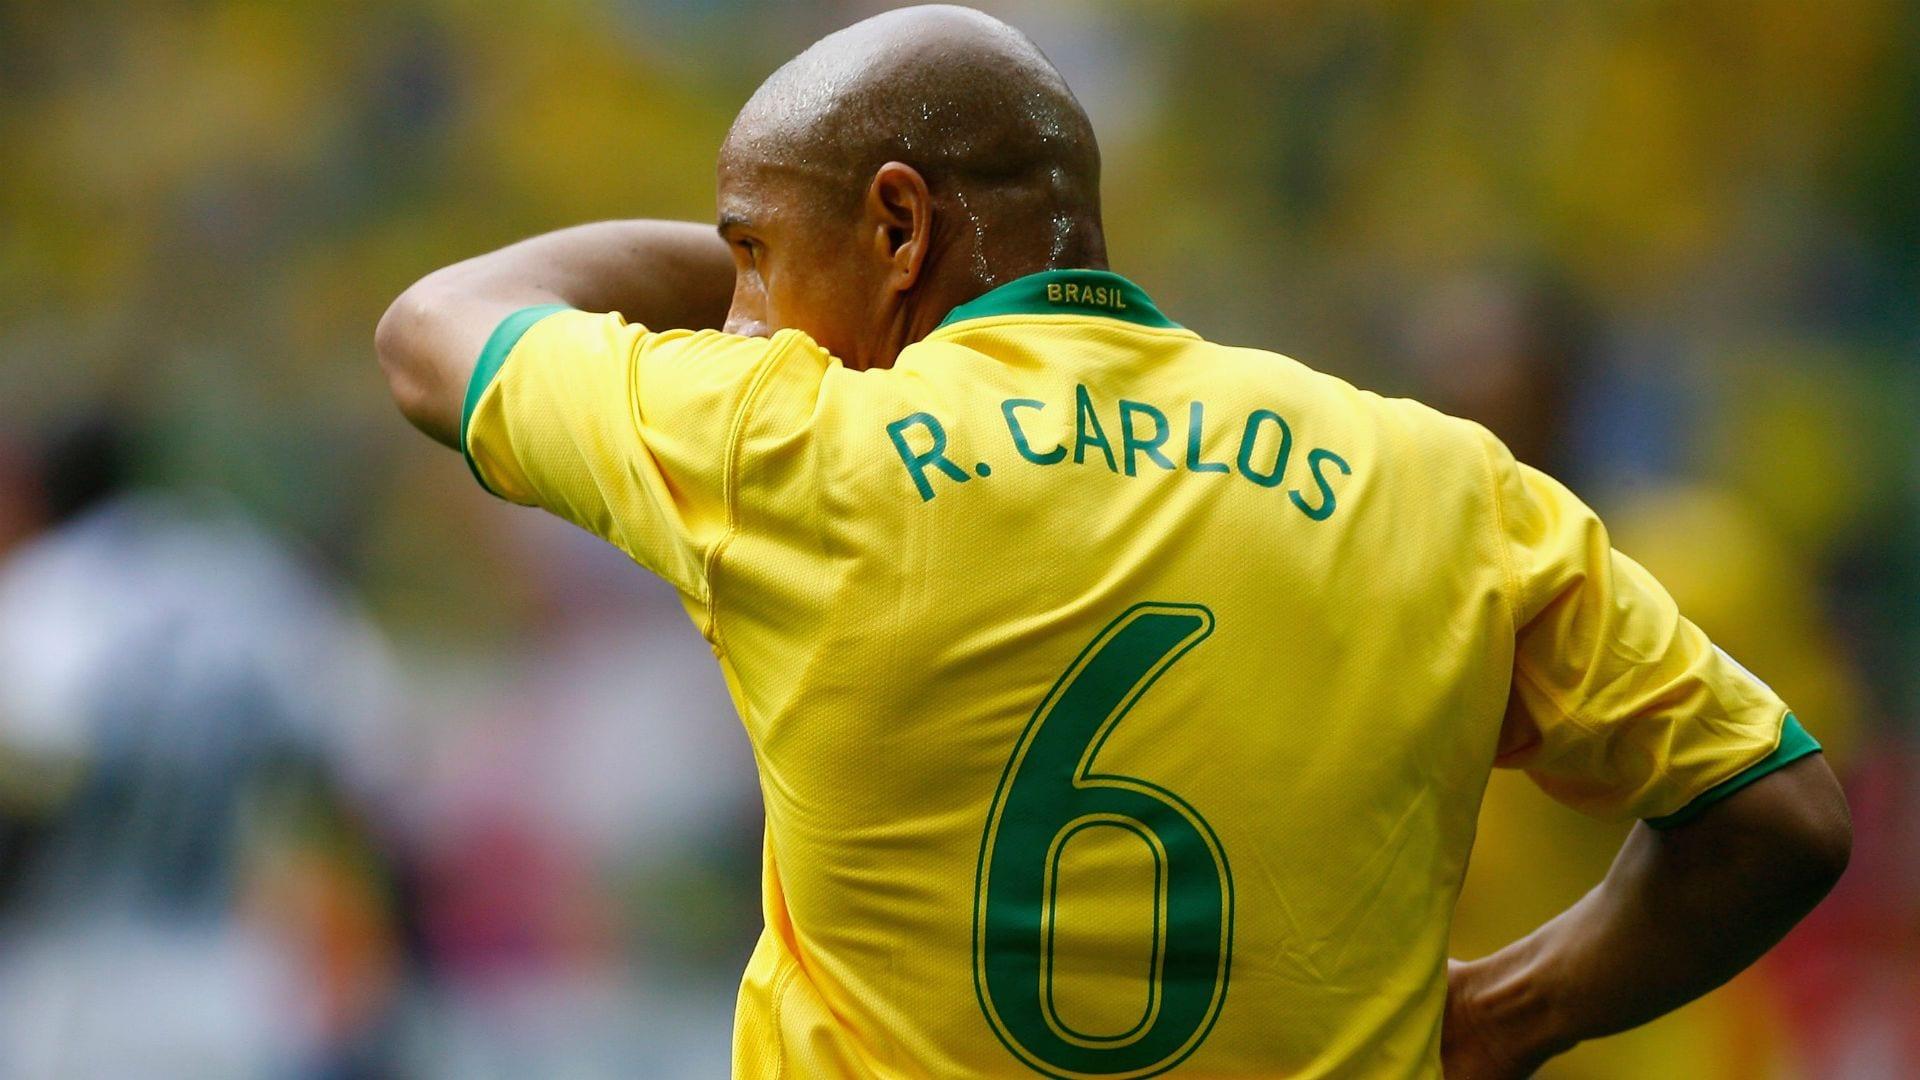 Roberto Carlos Net Worth 2021